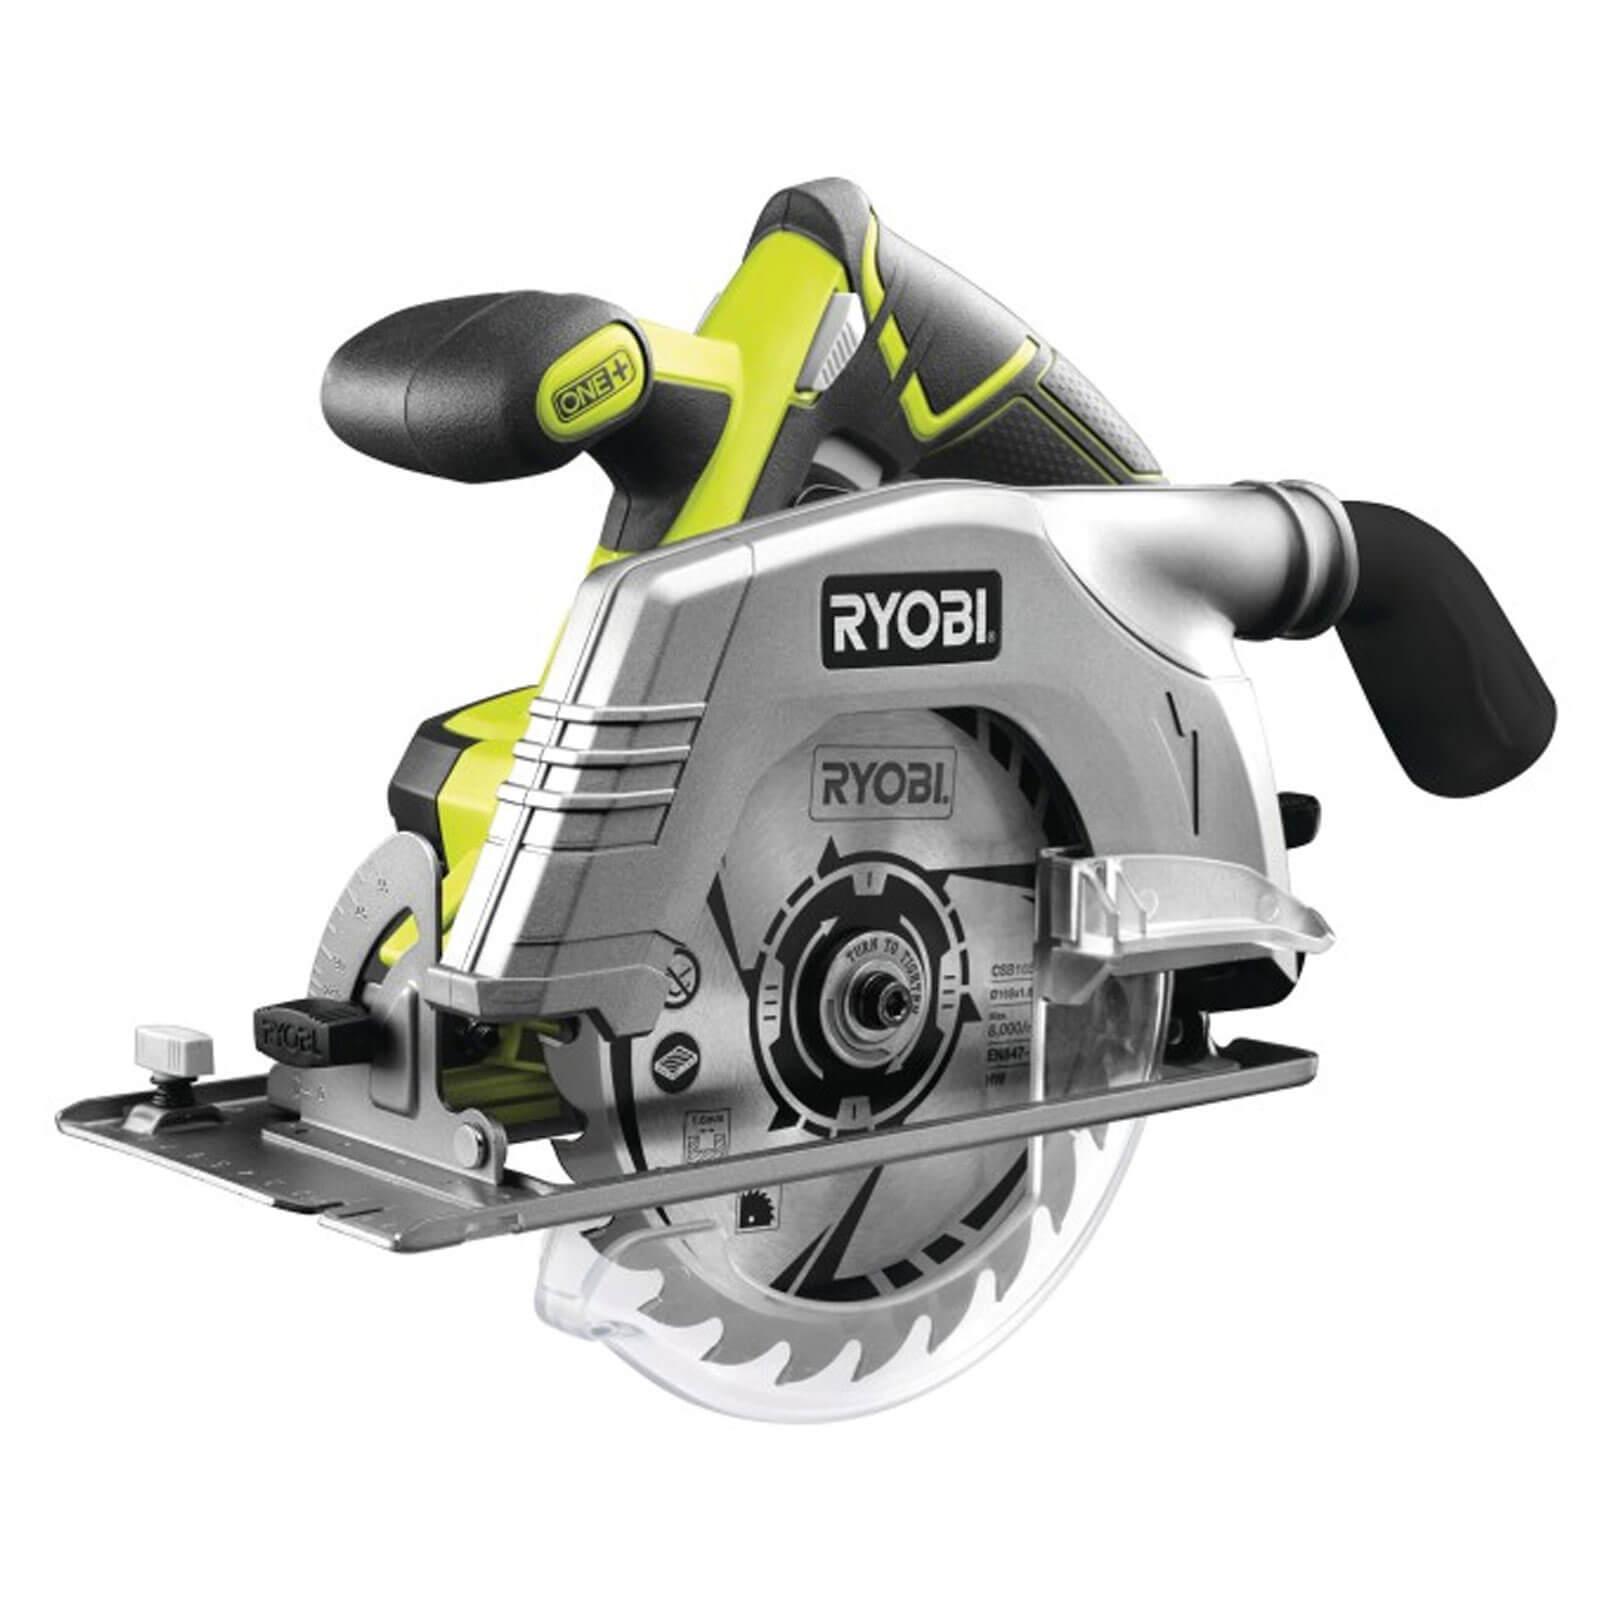 Ryobi R18CS 18v Cordless Circular Saw 165mm No Batteries No Charger No Case